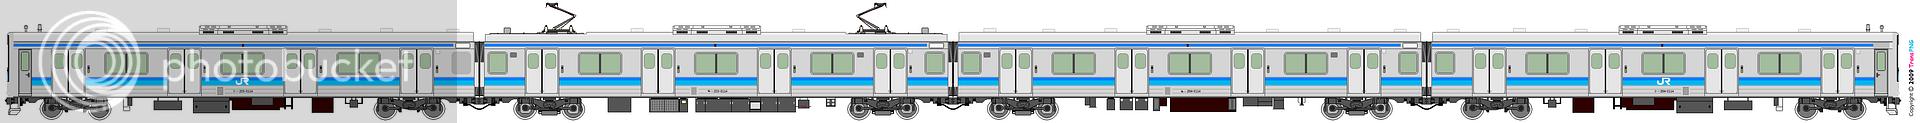 鐵路列車 1989